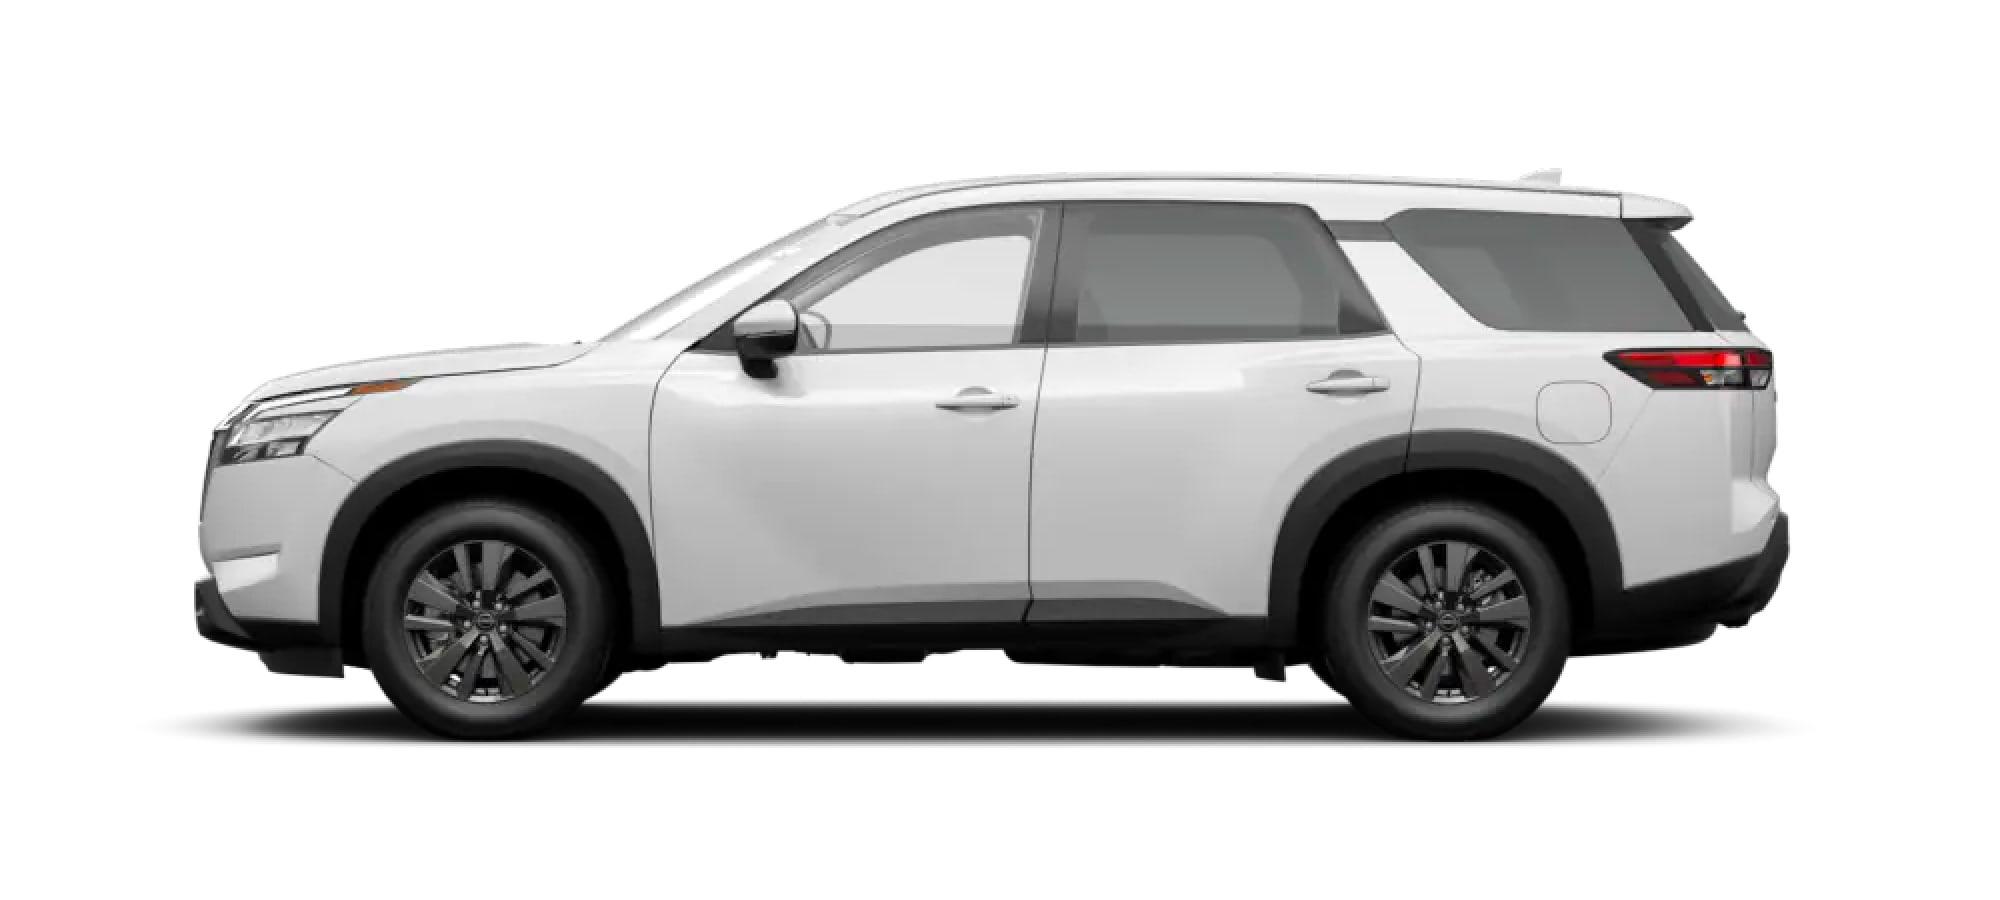 2022 Nissan Pathfinder in Glacier White